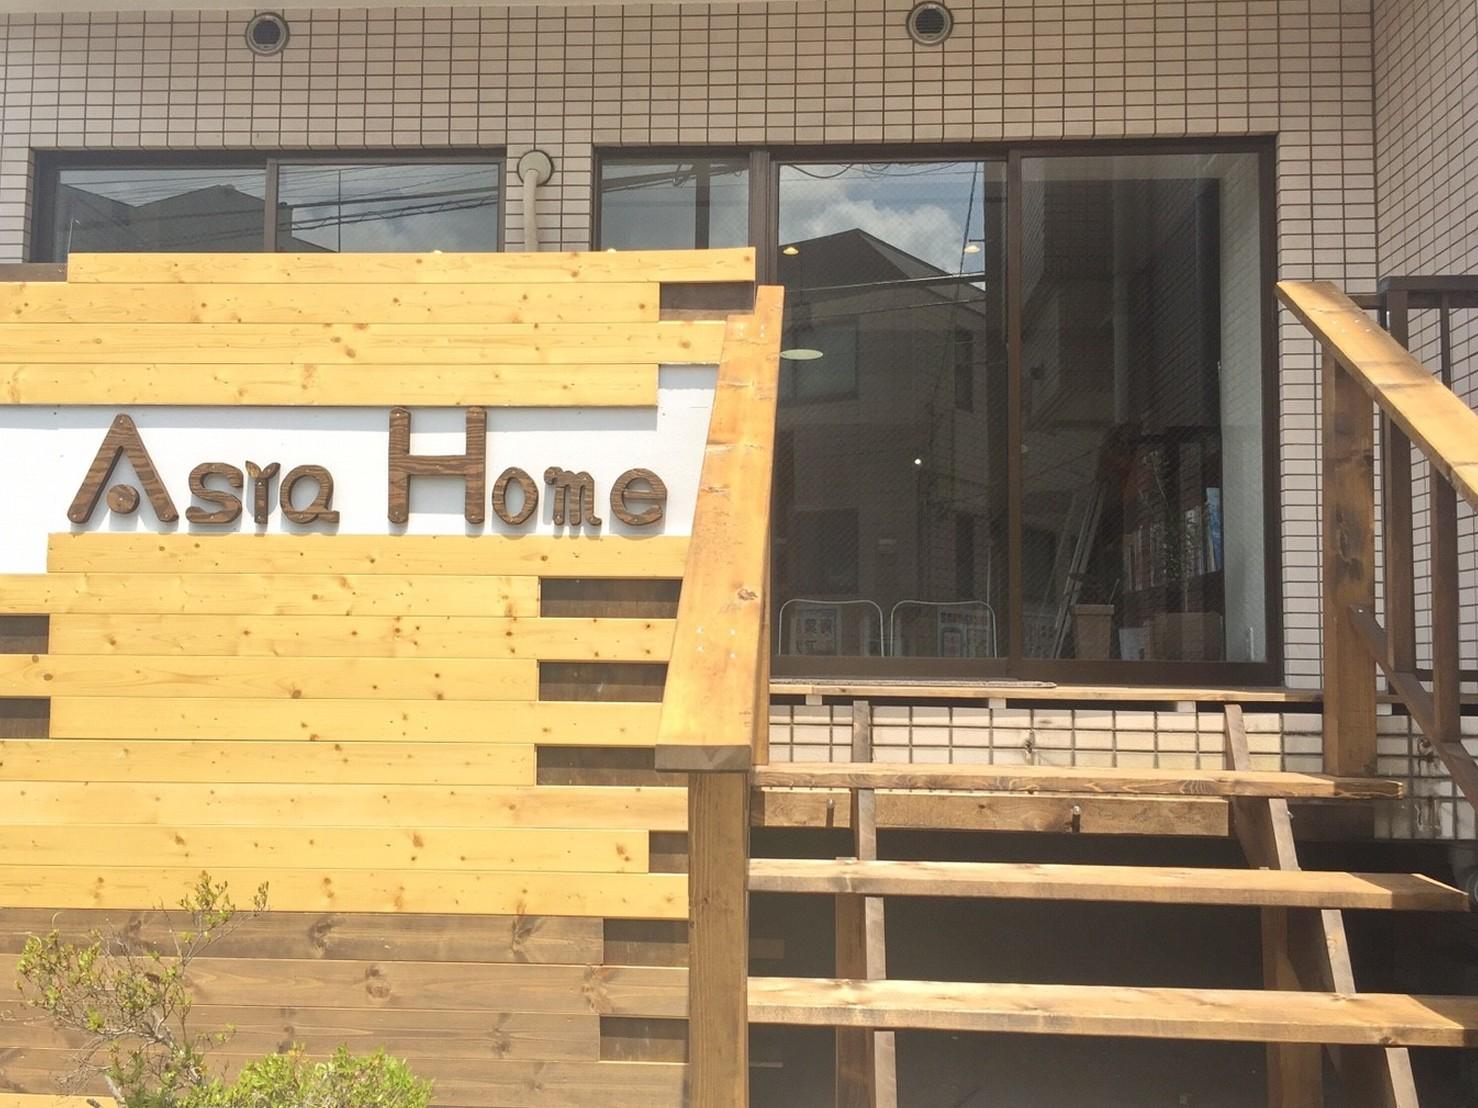 新オフィスの入口 木材の看板と階段を新設しました 《 AsiaHome(エイジアホーム)会社移転》